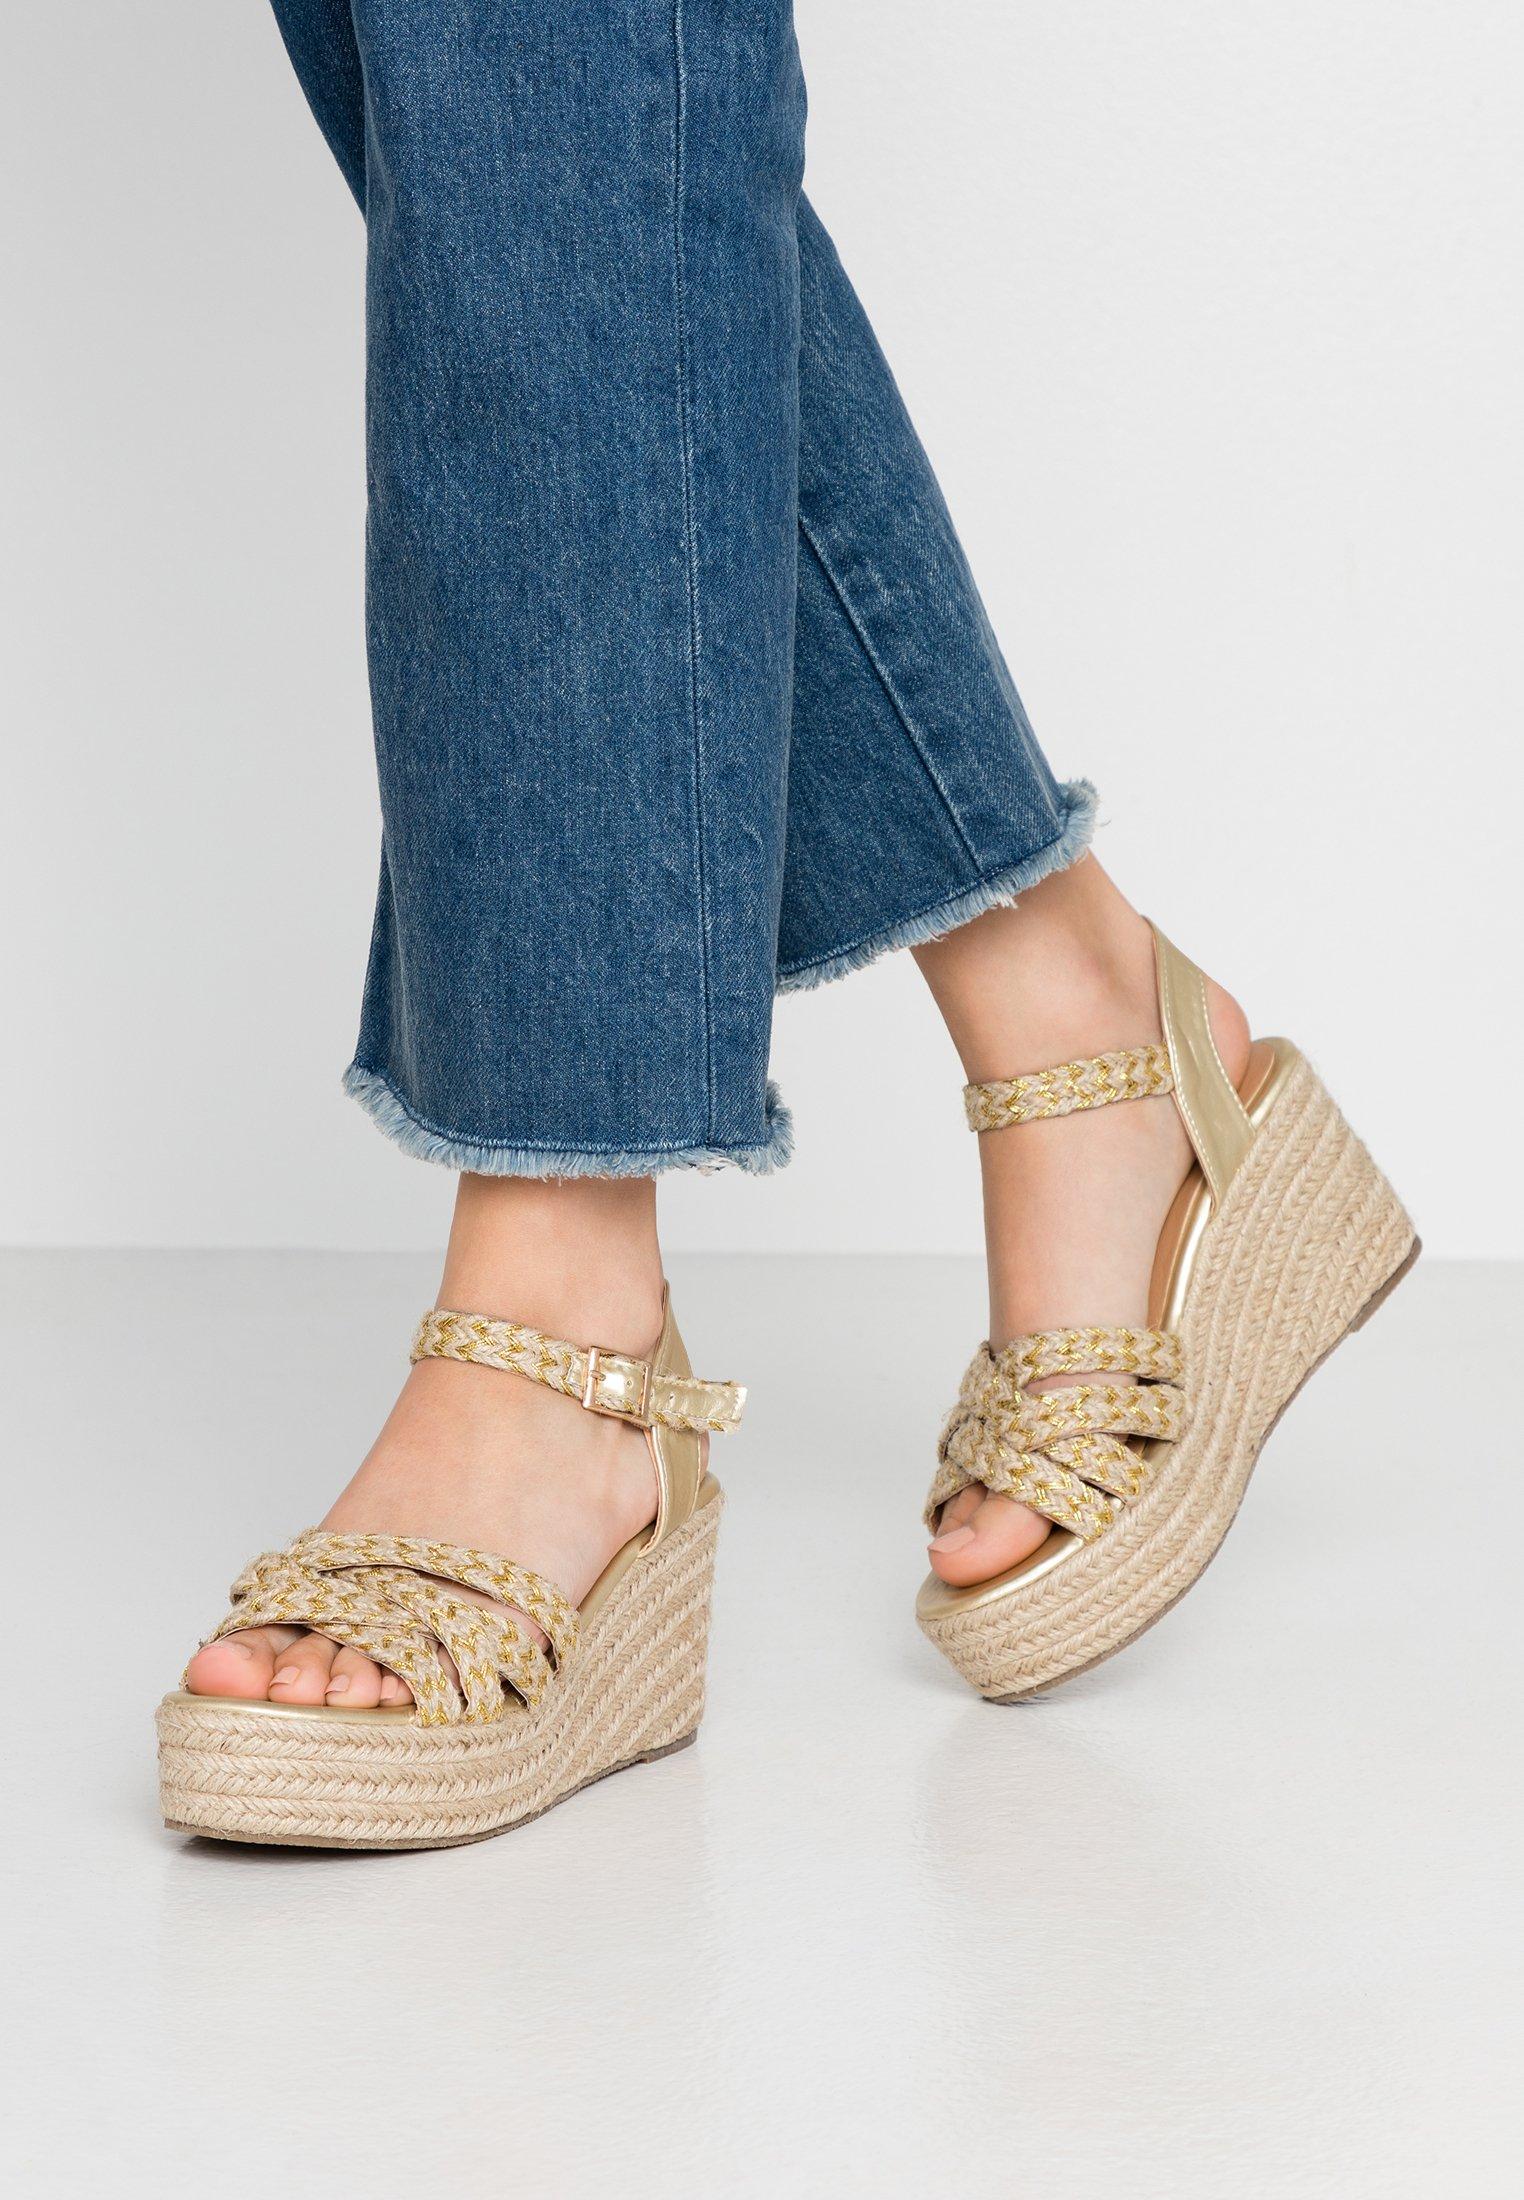 Scarpe donna beige | Grande assortimento di calzature su Zalando